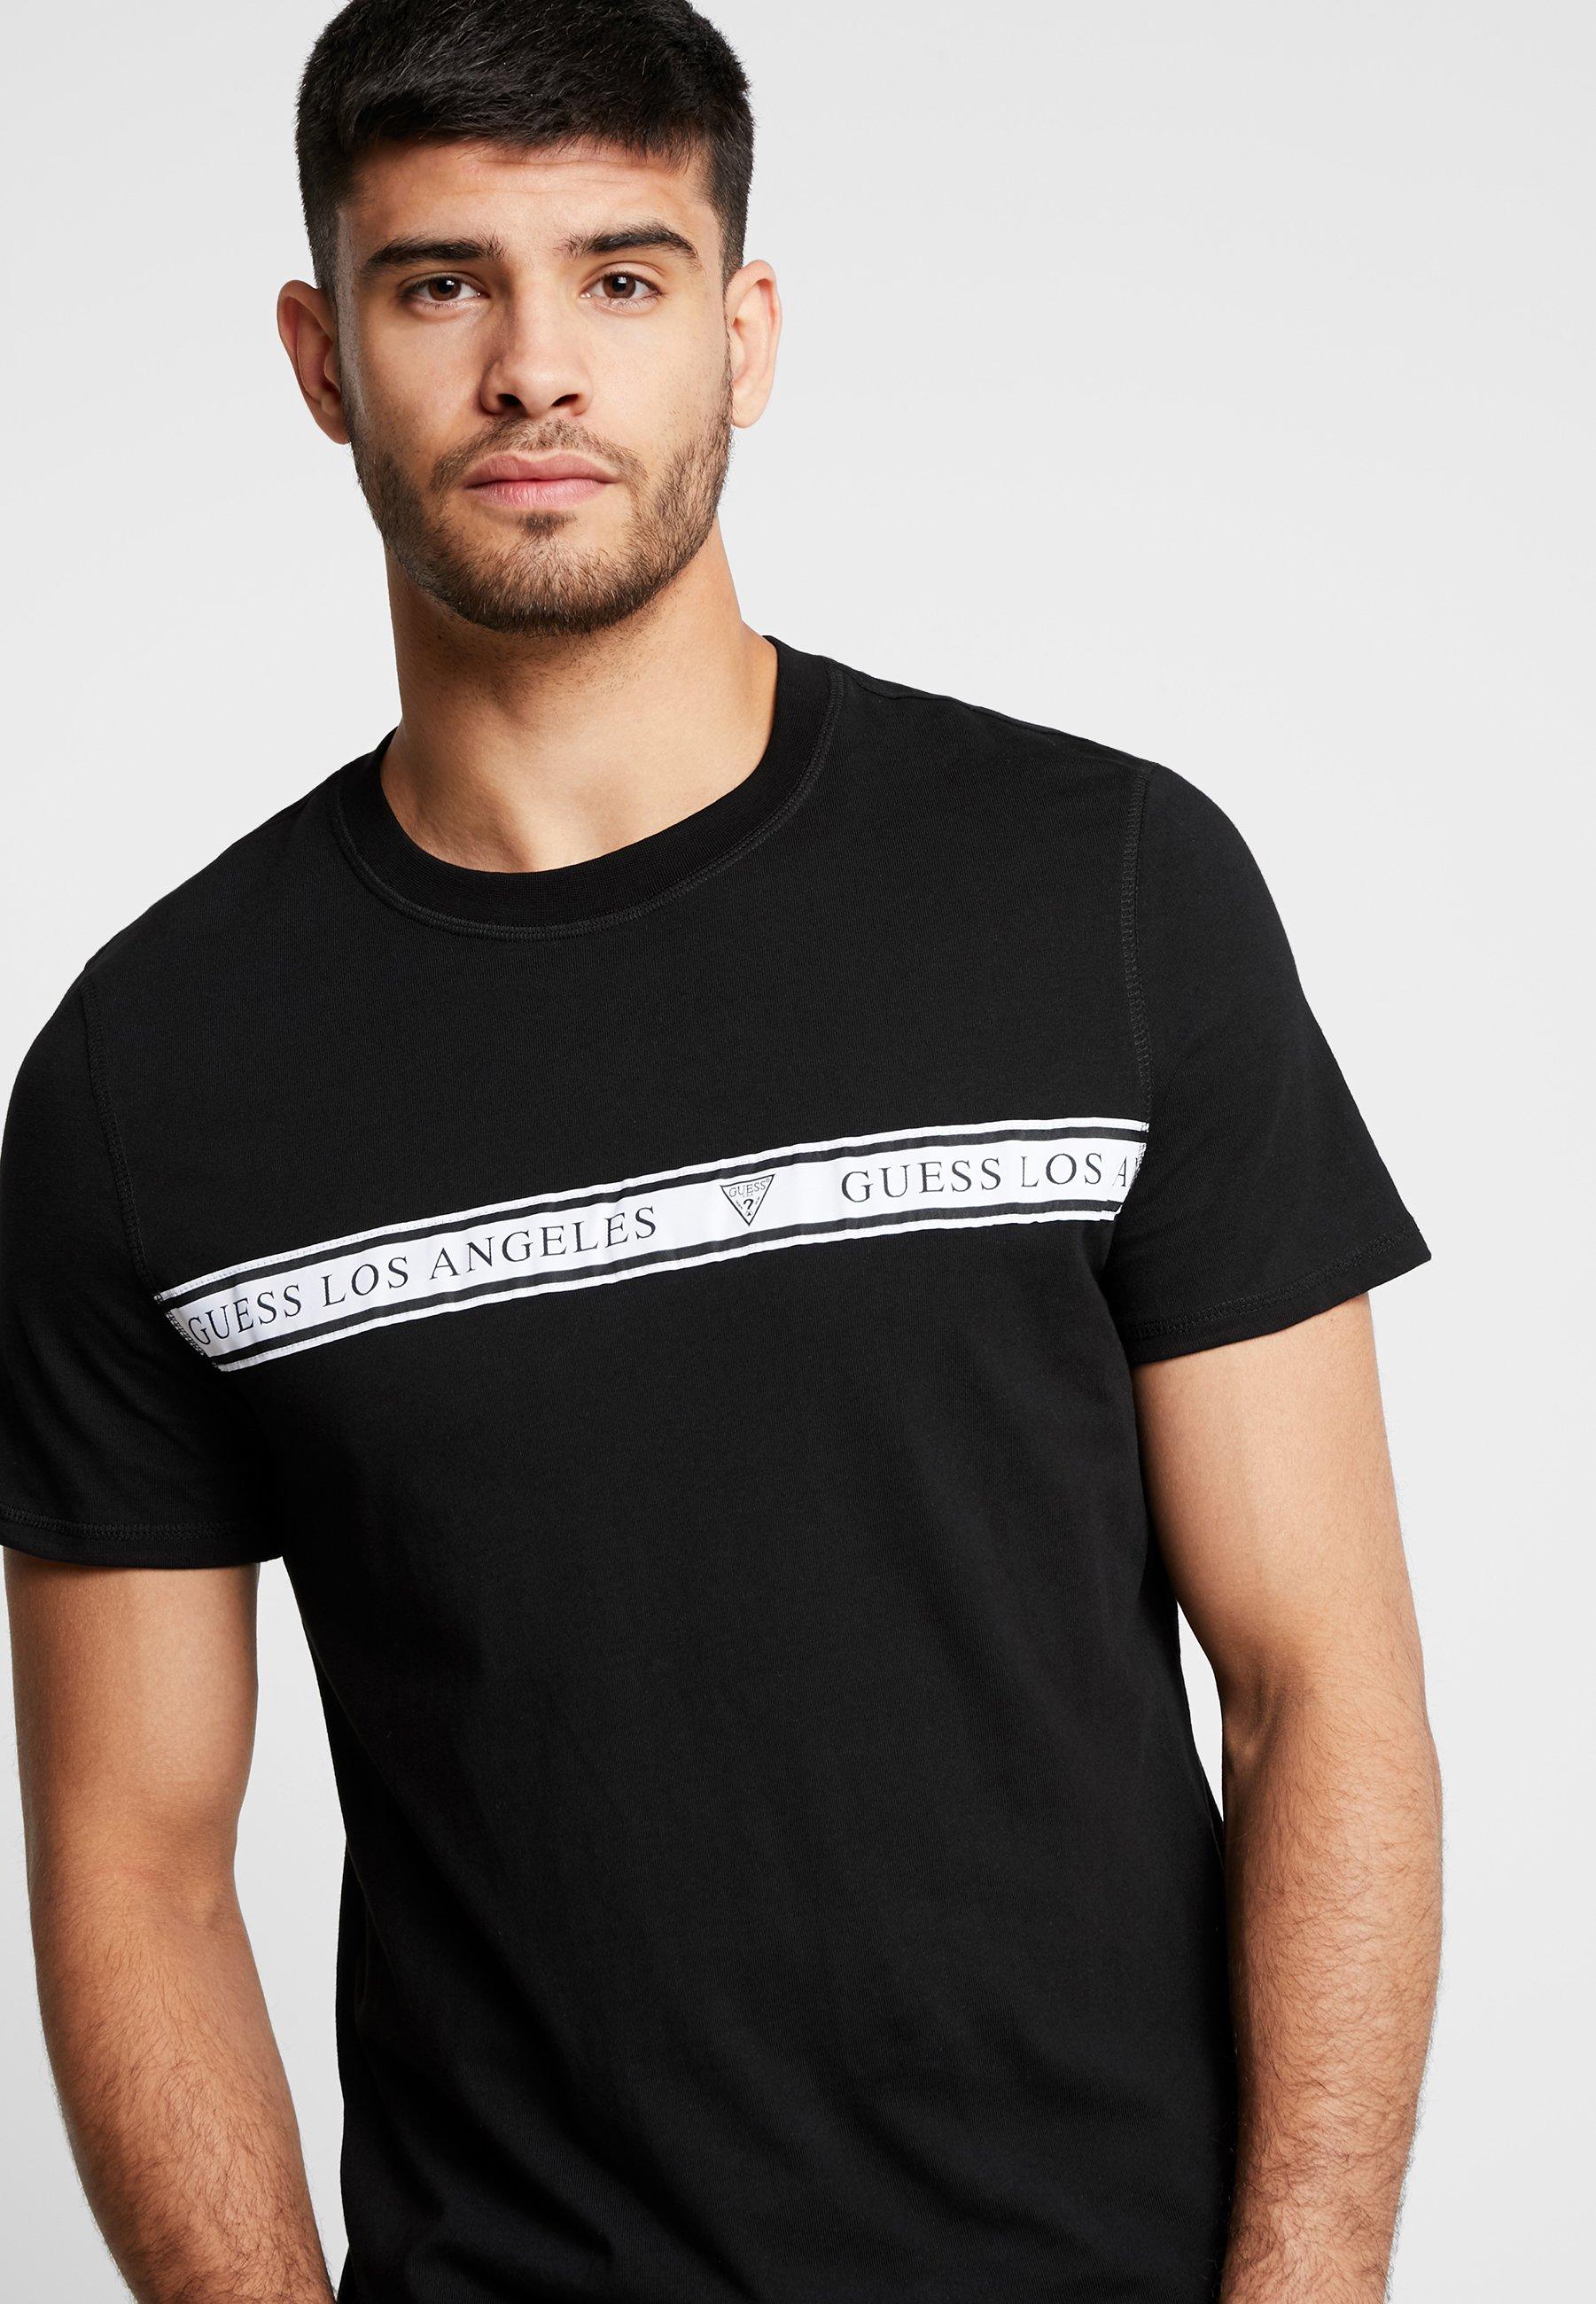 ImpriméJet shirt Guess T shirt Black T T shirt Black Guess Guess ImpriméJet ImpriméJet CtrhsdQ